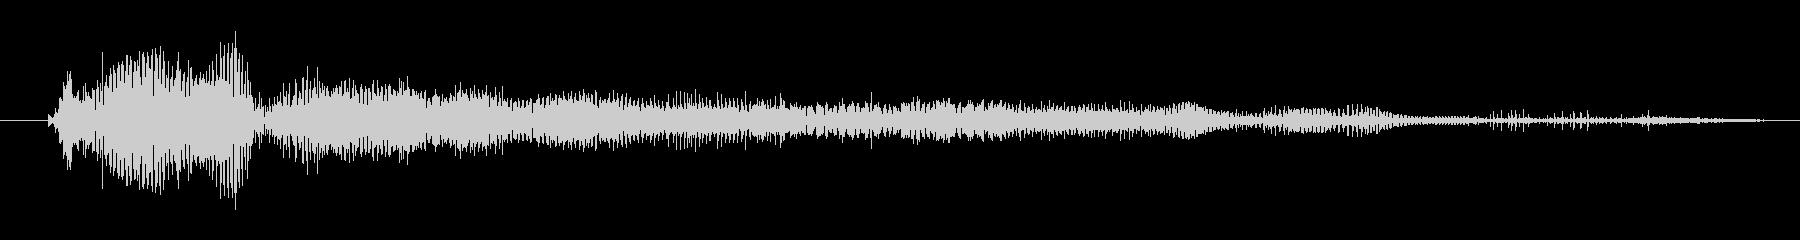 モンスター デススクリームハイ06の未再生の波形